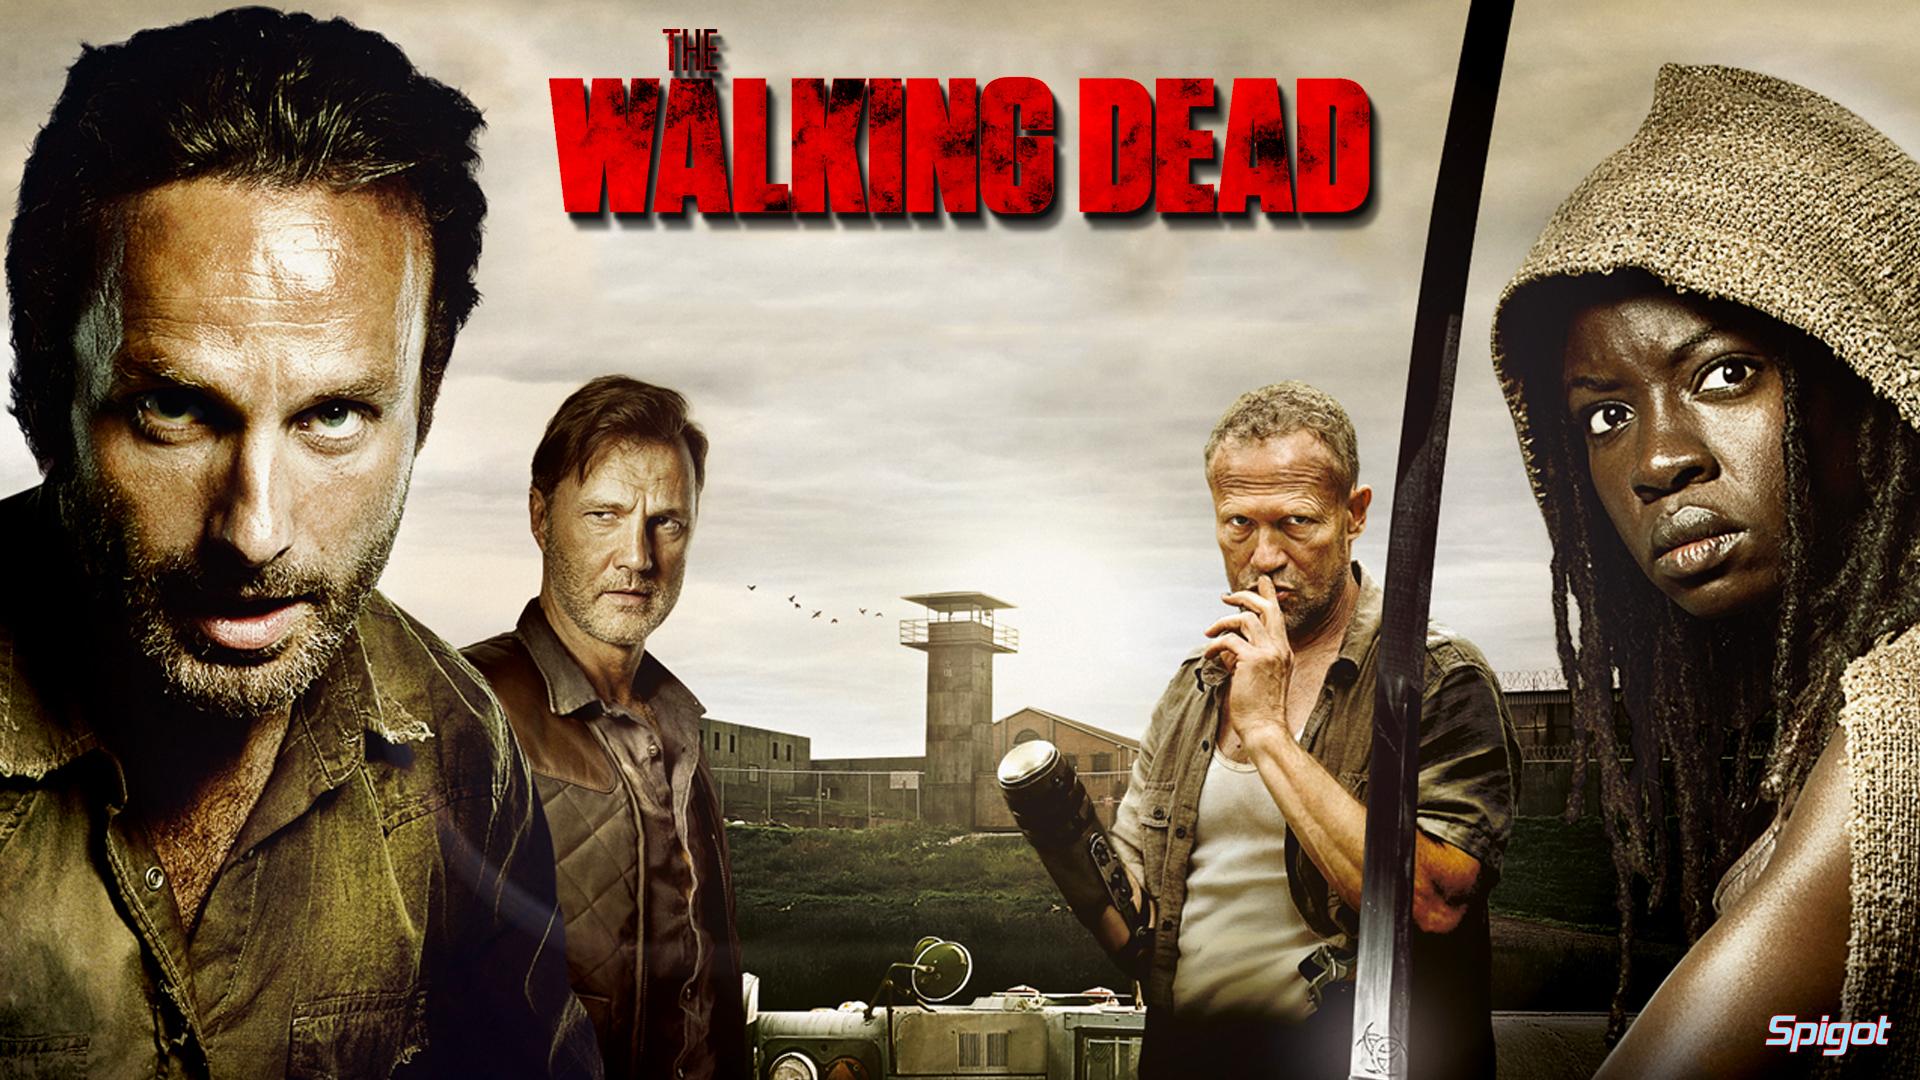 The Walking Dead Season 3 George Spigots Blog